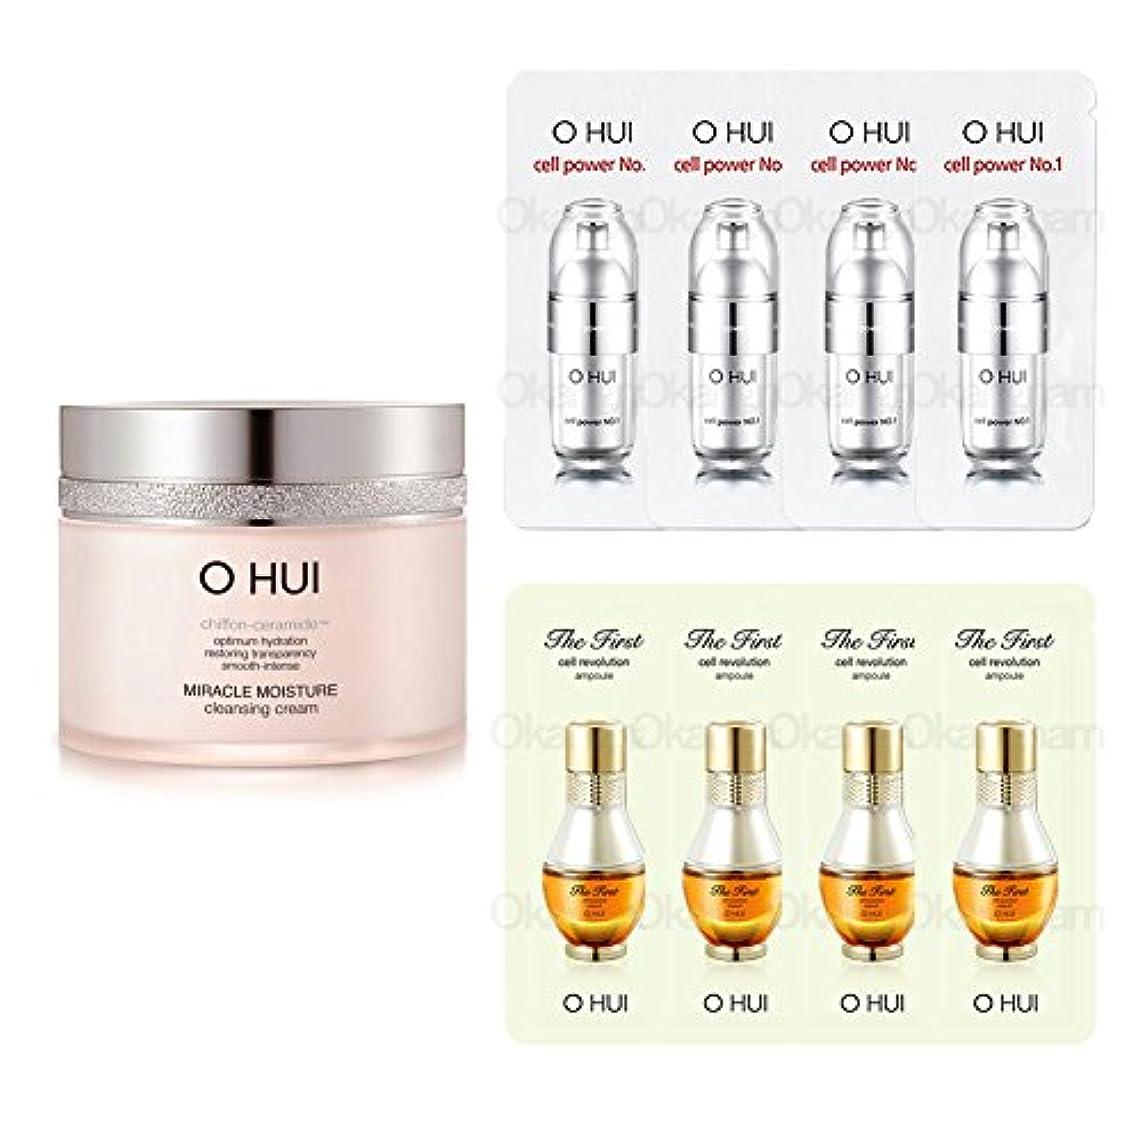 真夜中ネーピア石鹸[オフィ/ O HUI]韓国化粧品 LG生活健康/OHUI Miracle Moisture Cleansing Cream/ミラクル モイスチャー クレンジング クリーム200ml +[Sample Gift](海外直送品)